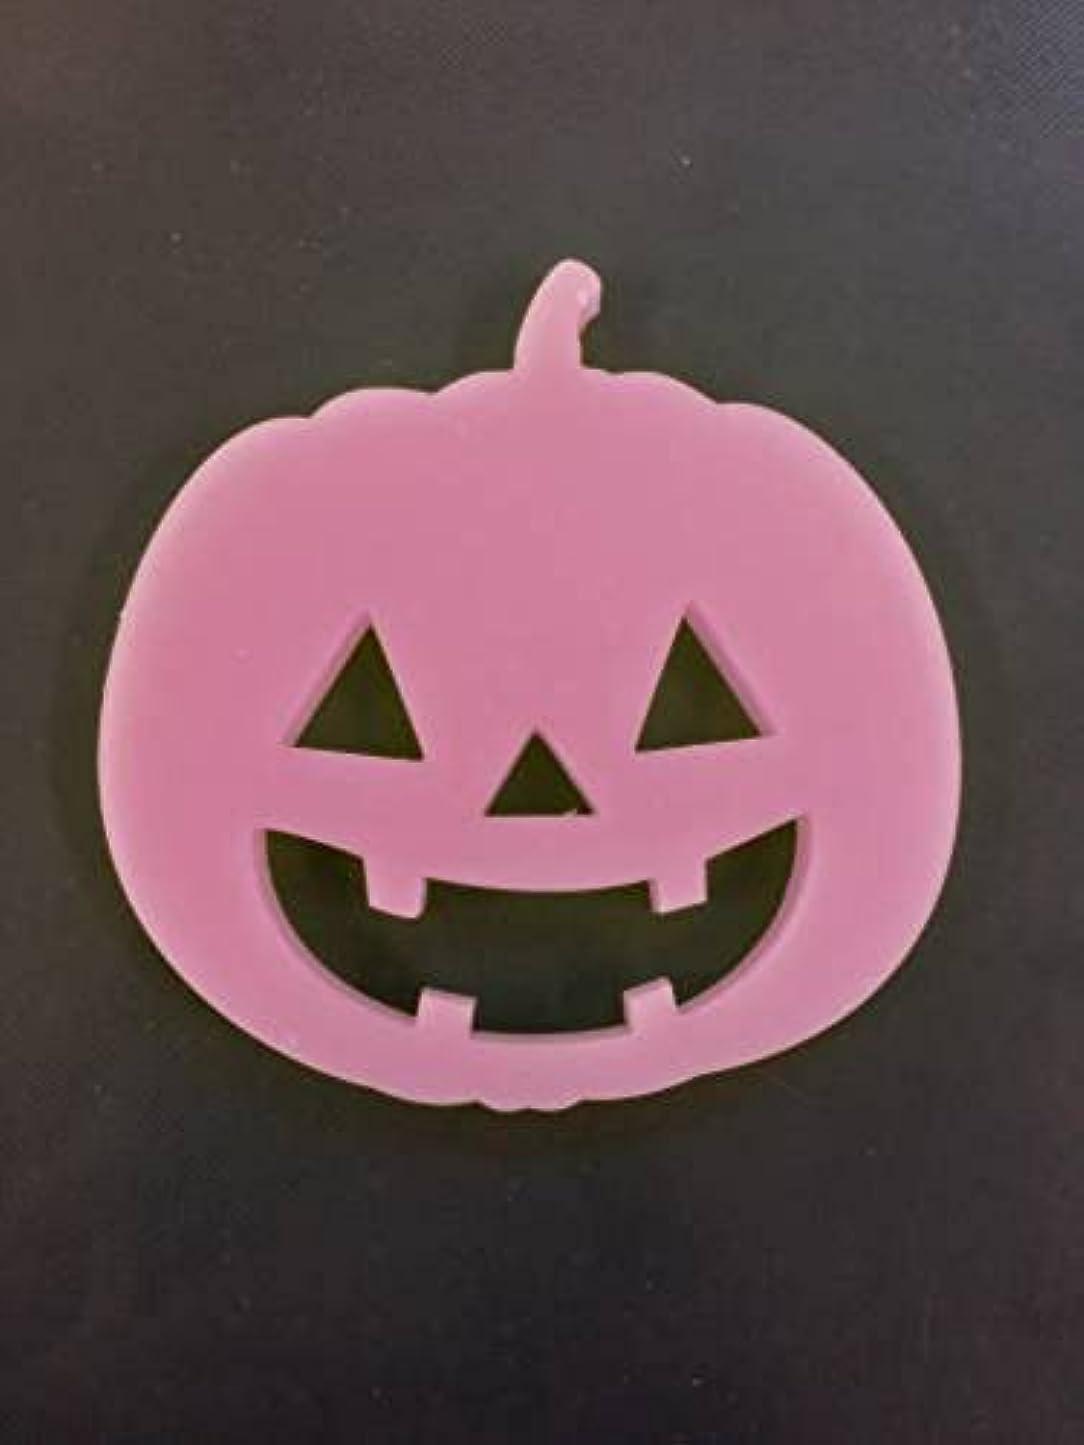 残基親賛美歌GRASSE TOKYO AROMATICWAXチャーム「ハロウィンかぼちゃ」(PI) ゼラニウム アロマティックワックス グラーストウキョウ